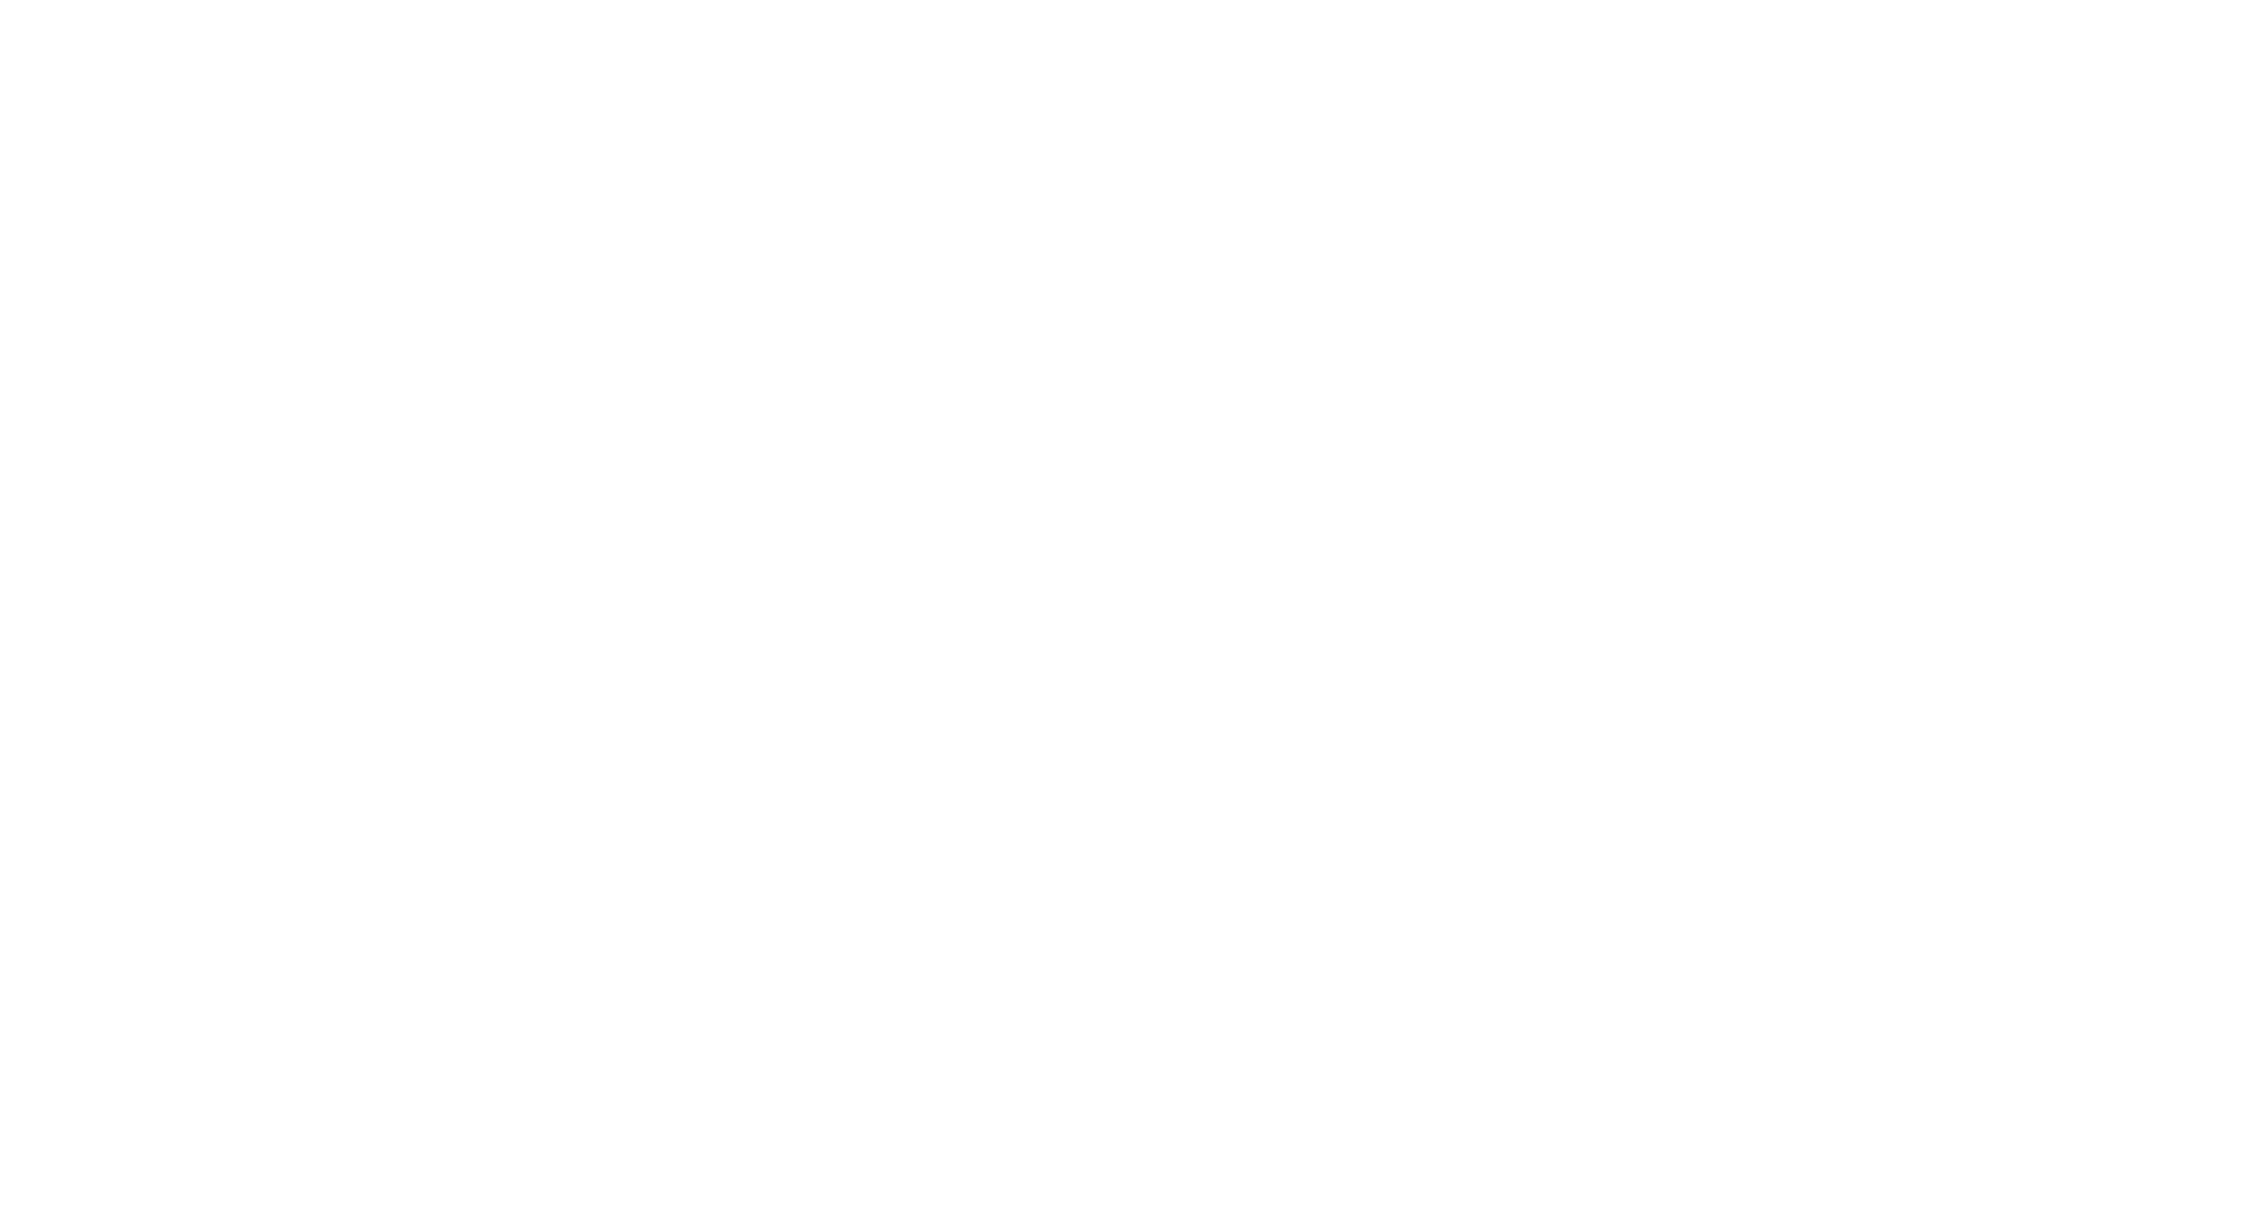 marco-rapetti-musician-musicista-italia-piano-conservatorio-musica-classica-album-concerto-logo-w